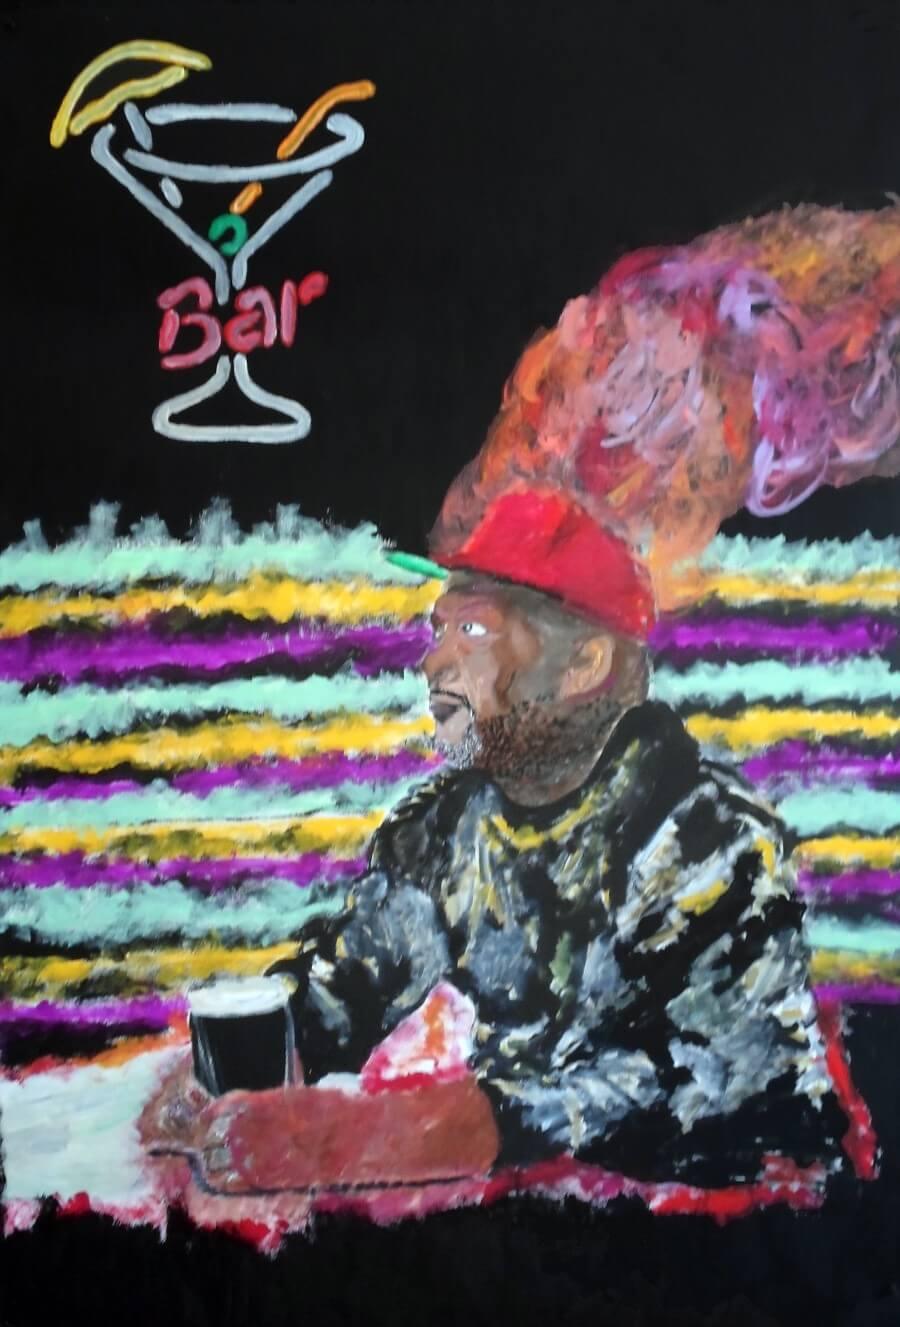 Barman crea retratos de clientes que beben mucho - ACC